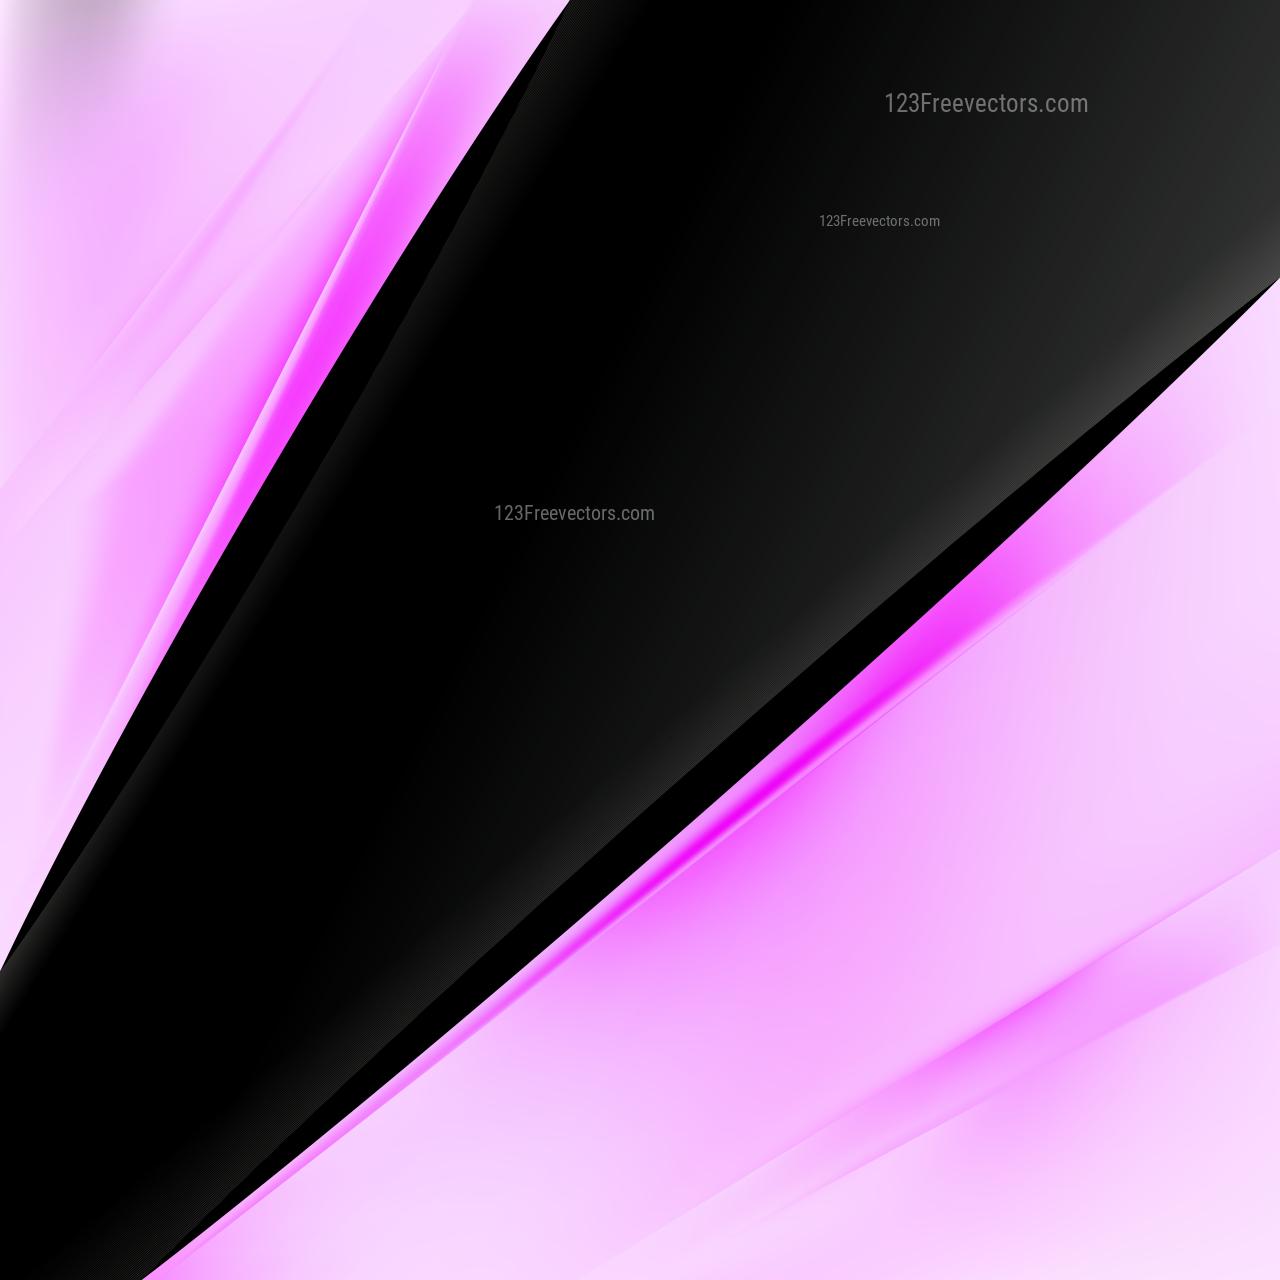 Pink and Black Brochure Design